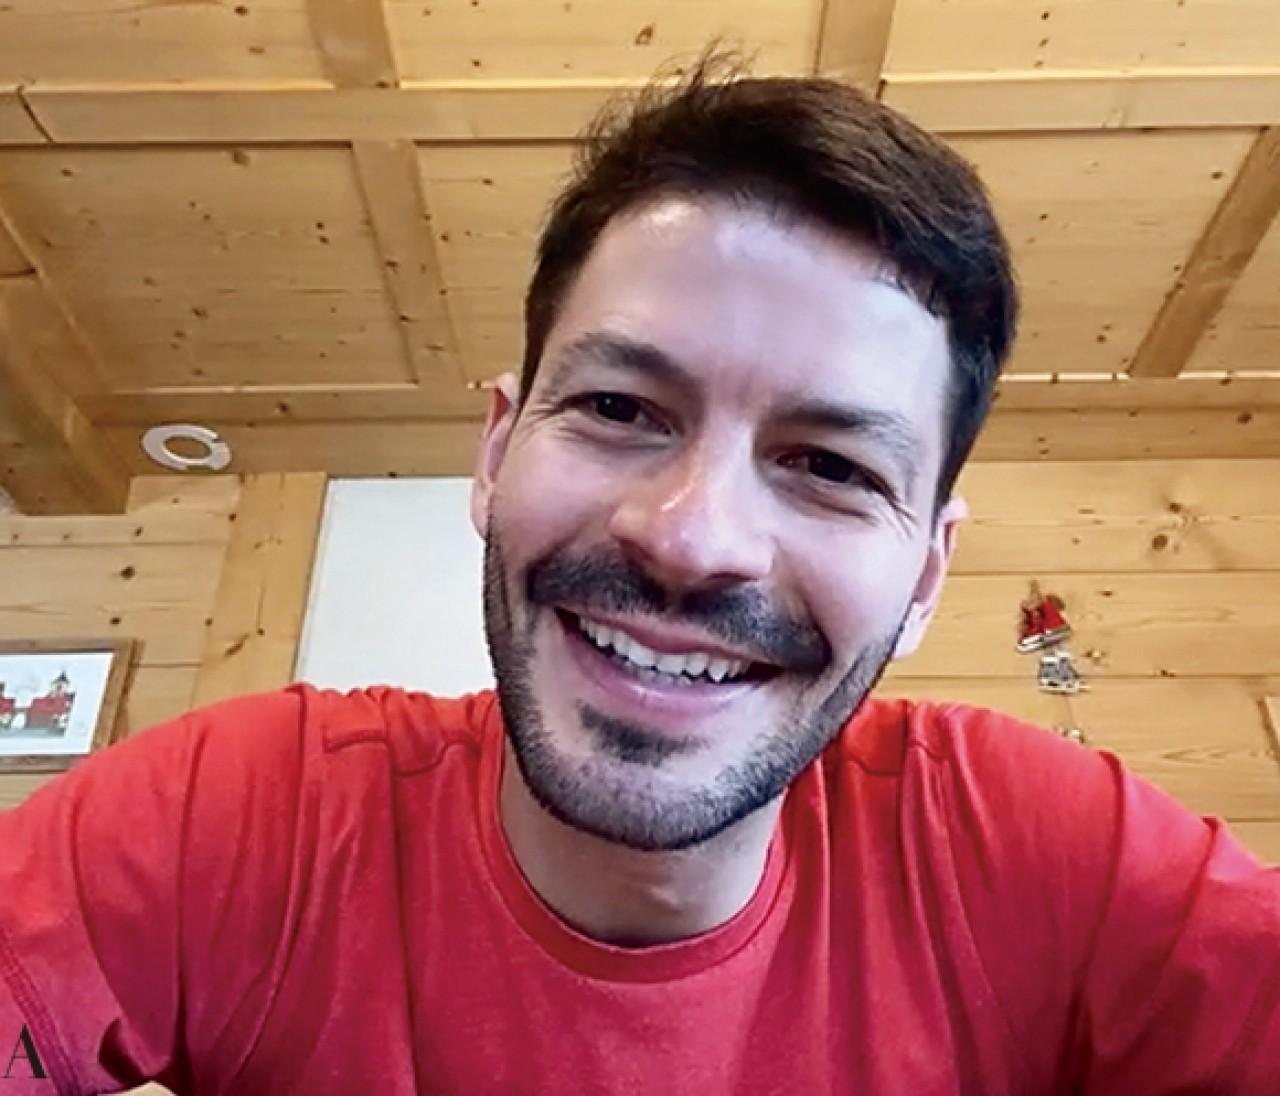 【ステファン・ランビエール】BAILA独占インタビュー!スイスの自宅からリモートで登場!